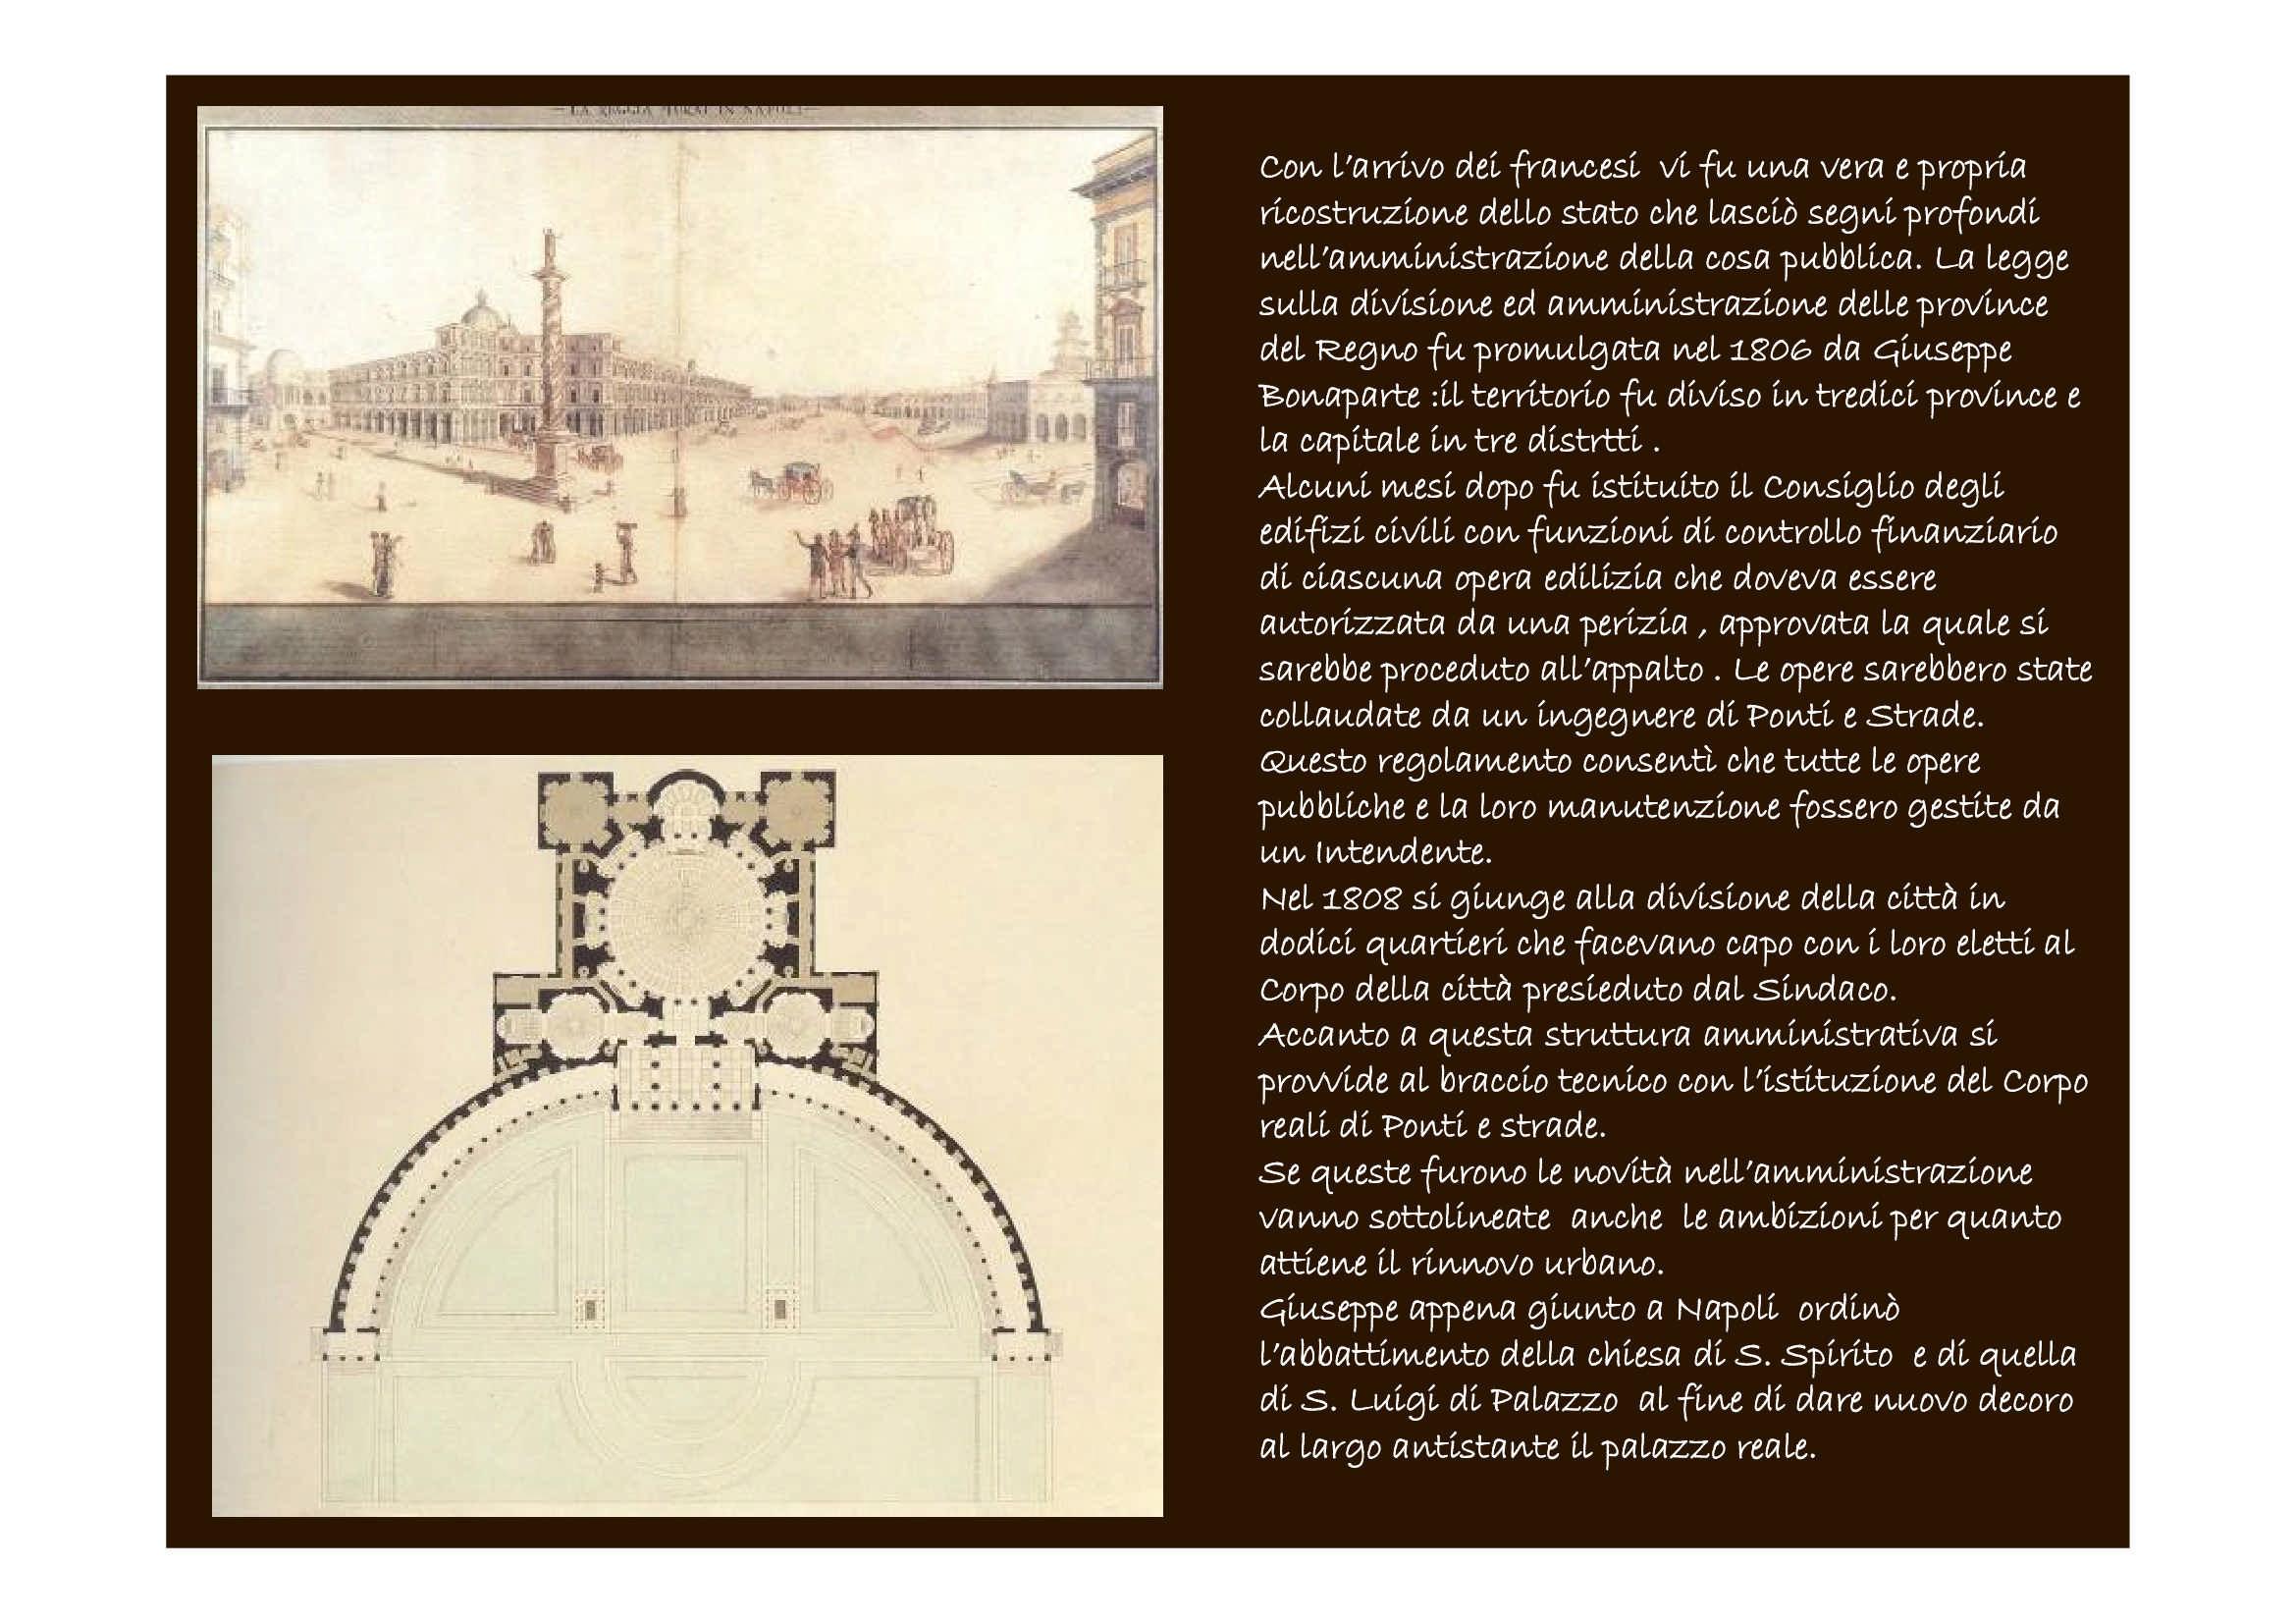 dispensa G. Amirante STORIA DELL'ARCHITETTURA DALL'OTTOCENTO AL MOVIMENTO MODERNO